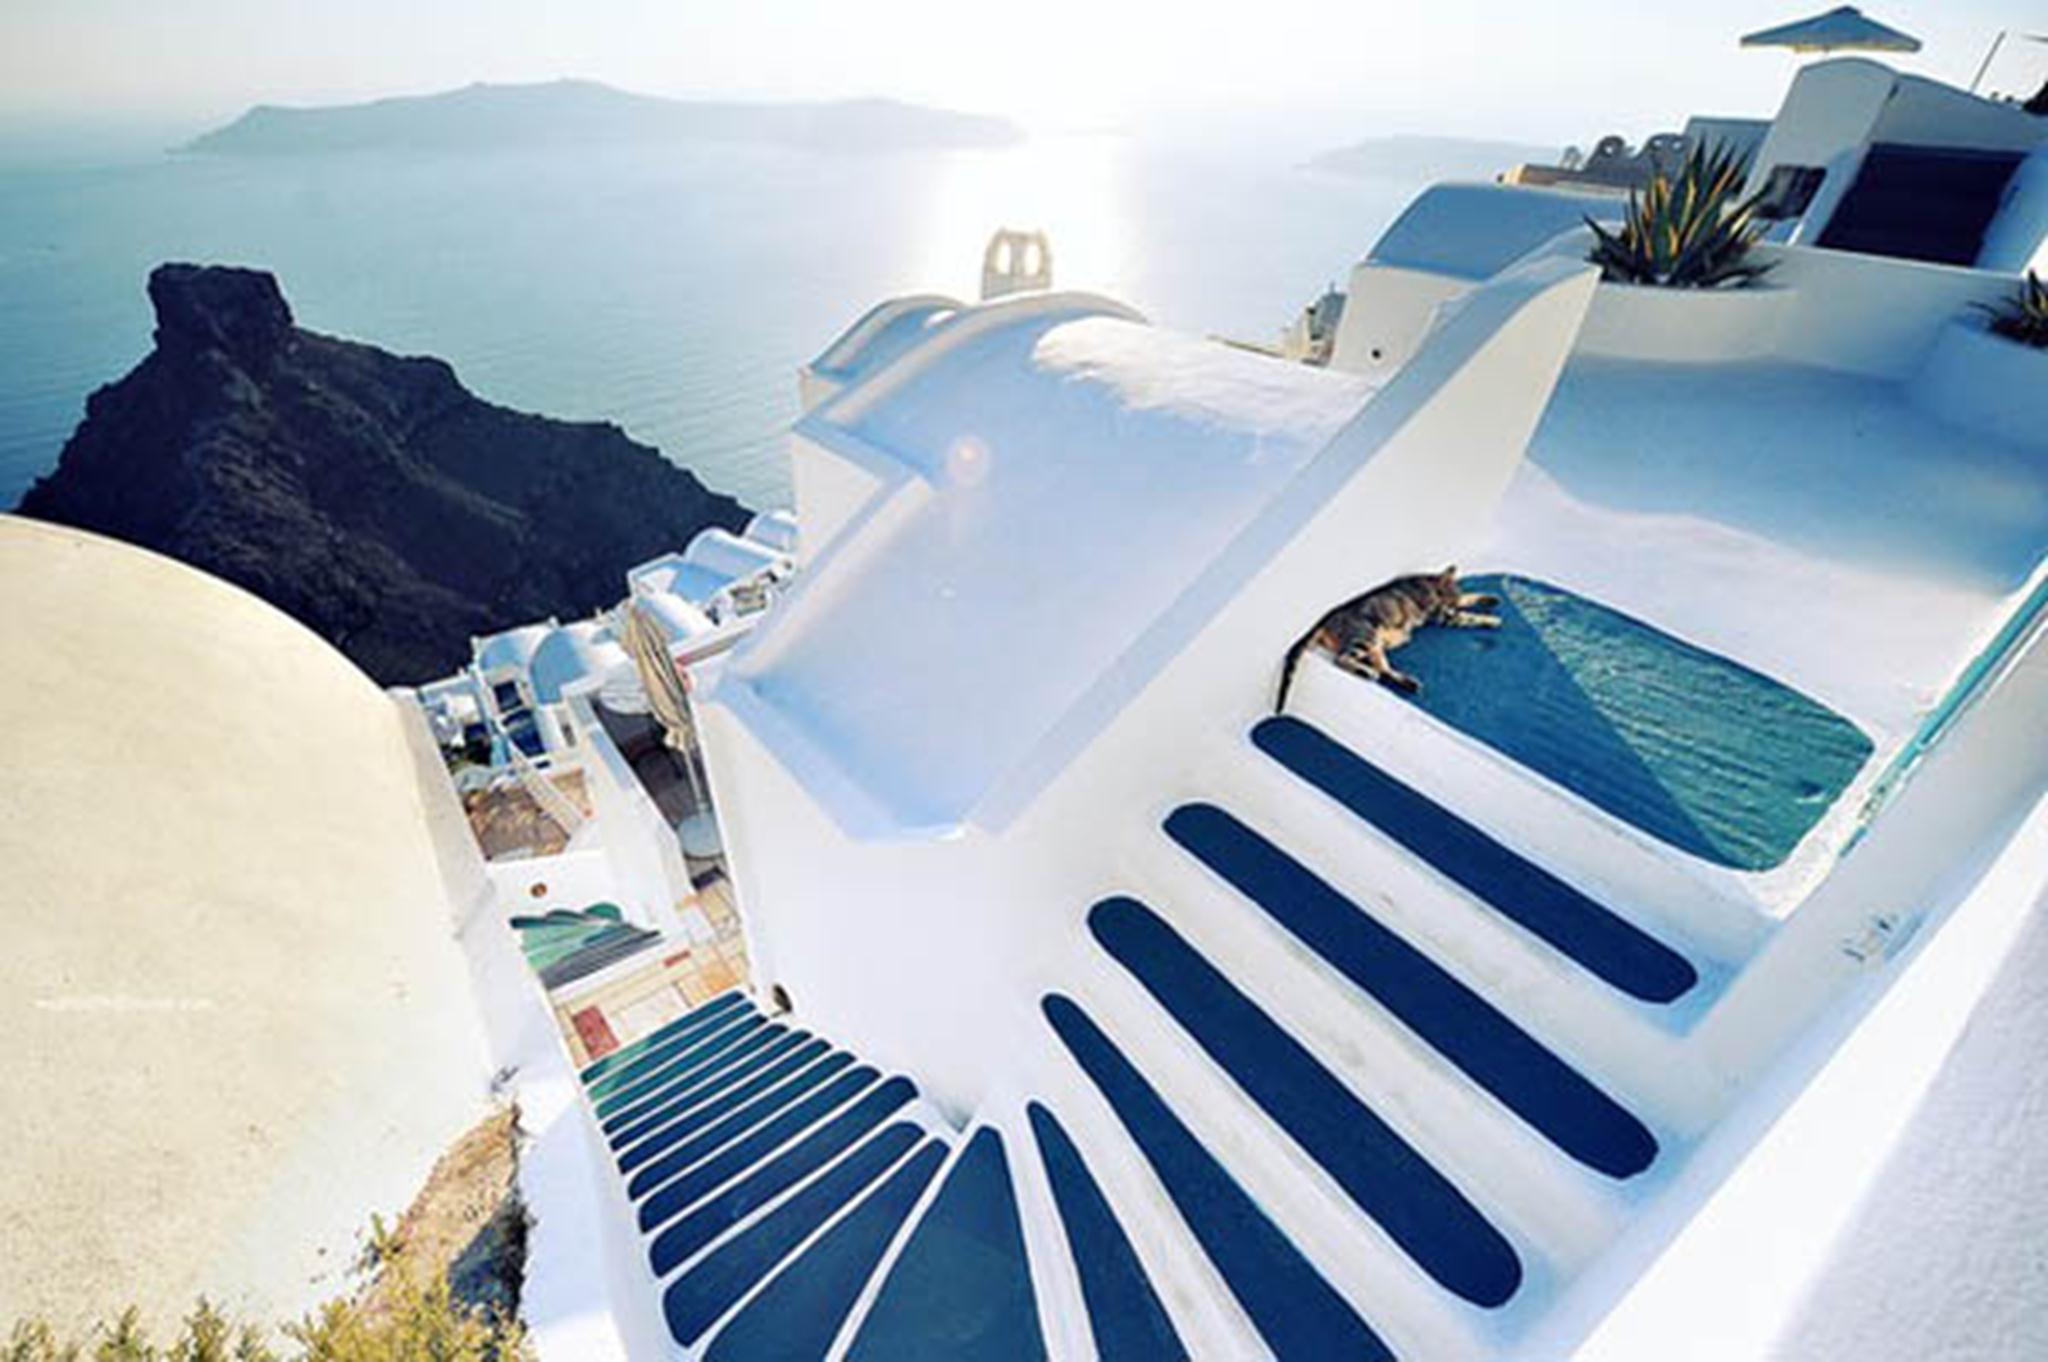 Những ngôi nhà thường sẽ có hai tầng và một cầu thang nằm ngoài trời.